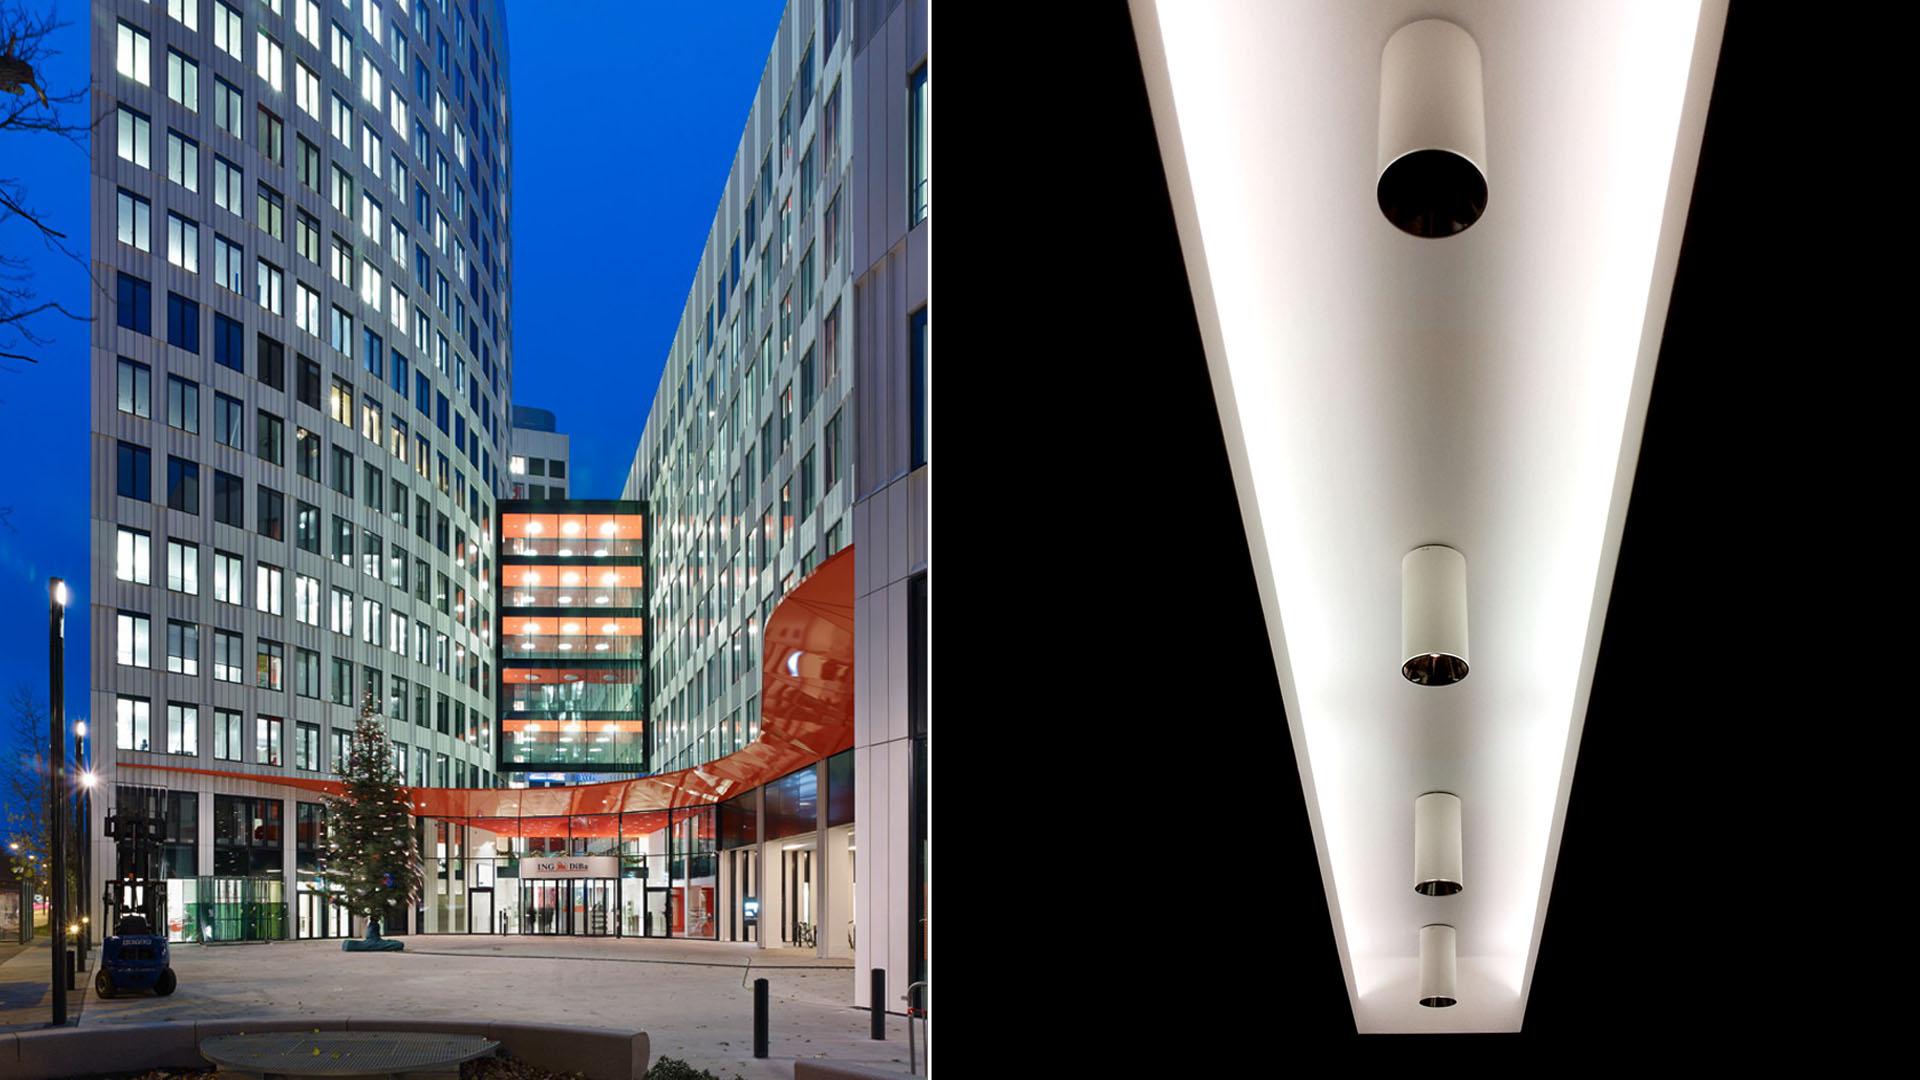 MAASS-Lichtplanung_Lichtplanung repräsentativer Bereiche der ING-DiBa Hauptzentrale__MAASS-Poseidonhaus-Innen-001